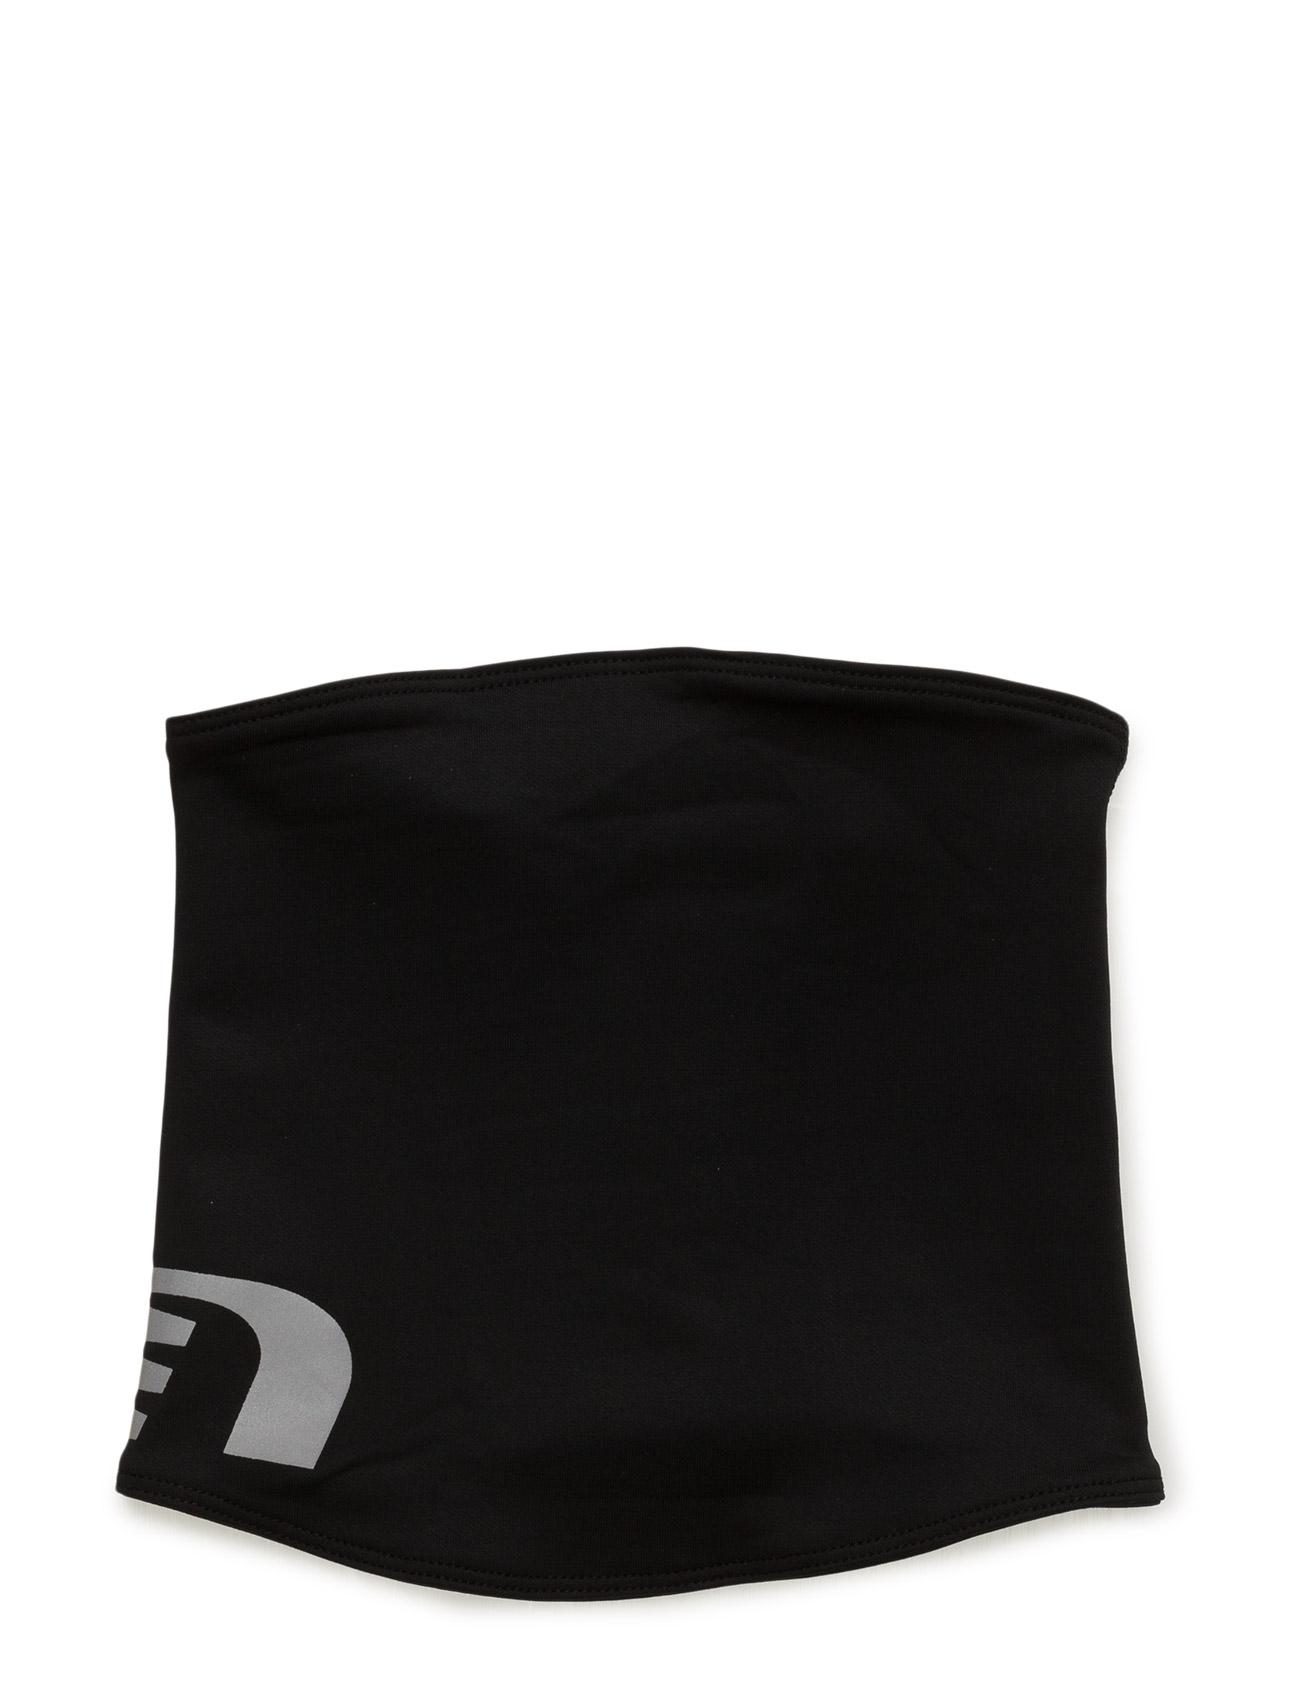 Thermal Neck Newline Sports accessories til Herrer i Sort